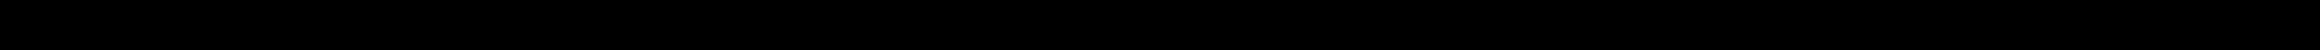 WESTFALIA 9999Z-040377, 7701402470, 2E0 092 770 Alaplemez, vonótalp